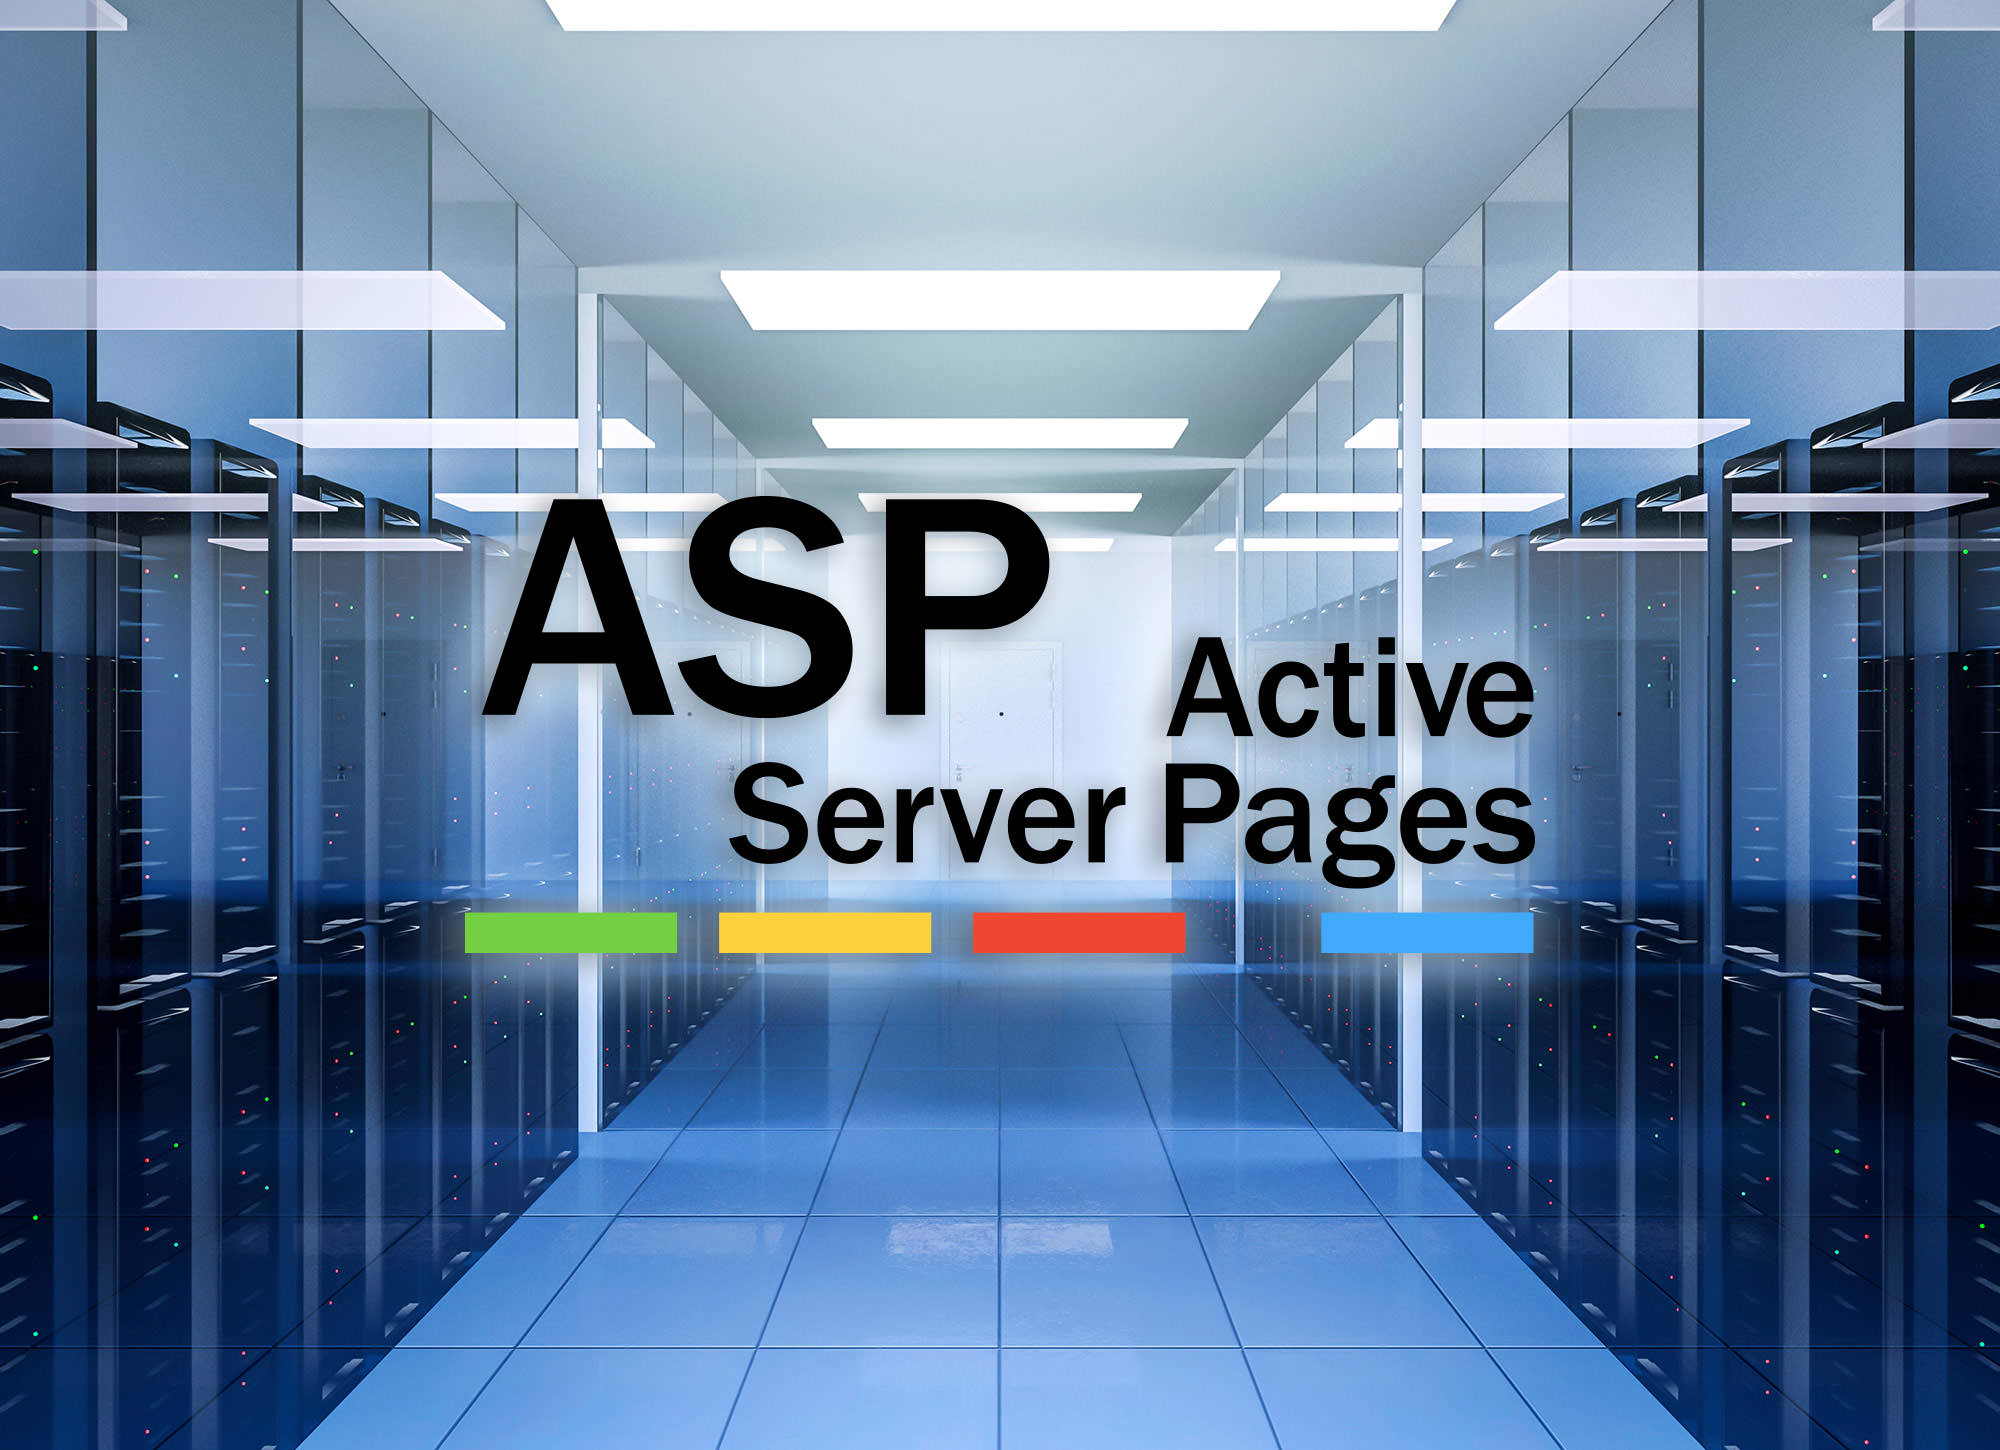 مزایای طراحی سایت با Asp.net core